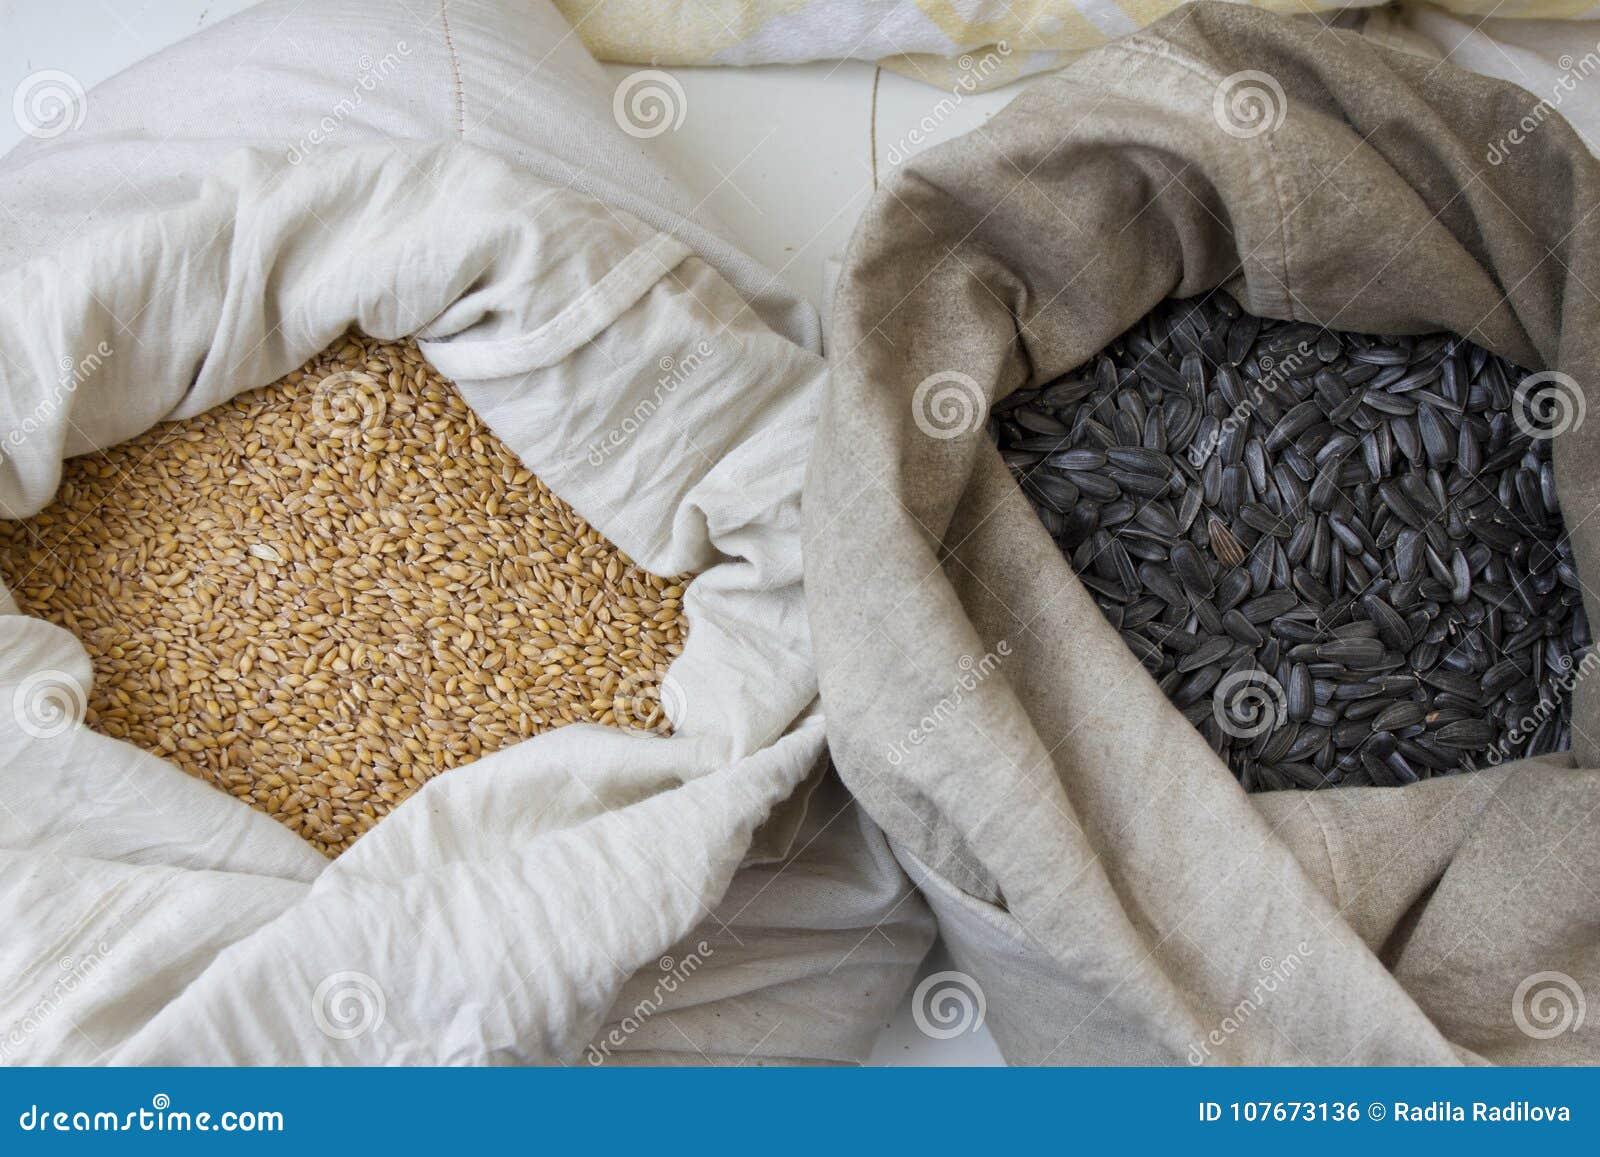 Мешки вполне с нутами, фасолями, гречихой, пшеном, пшеницей, сказали по буквам, чечевицы, зерна пшеницы Einkorn Разнообразие фасо